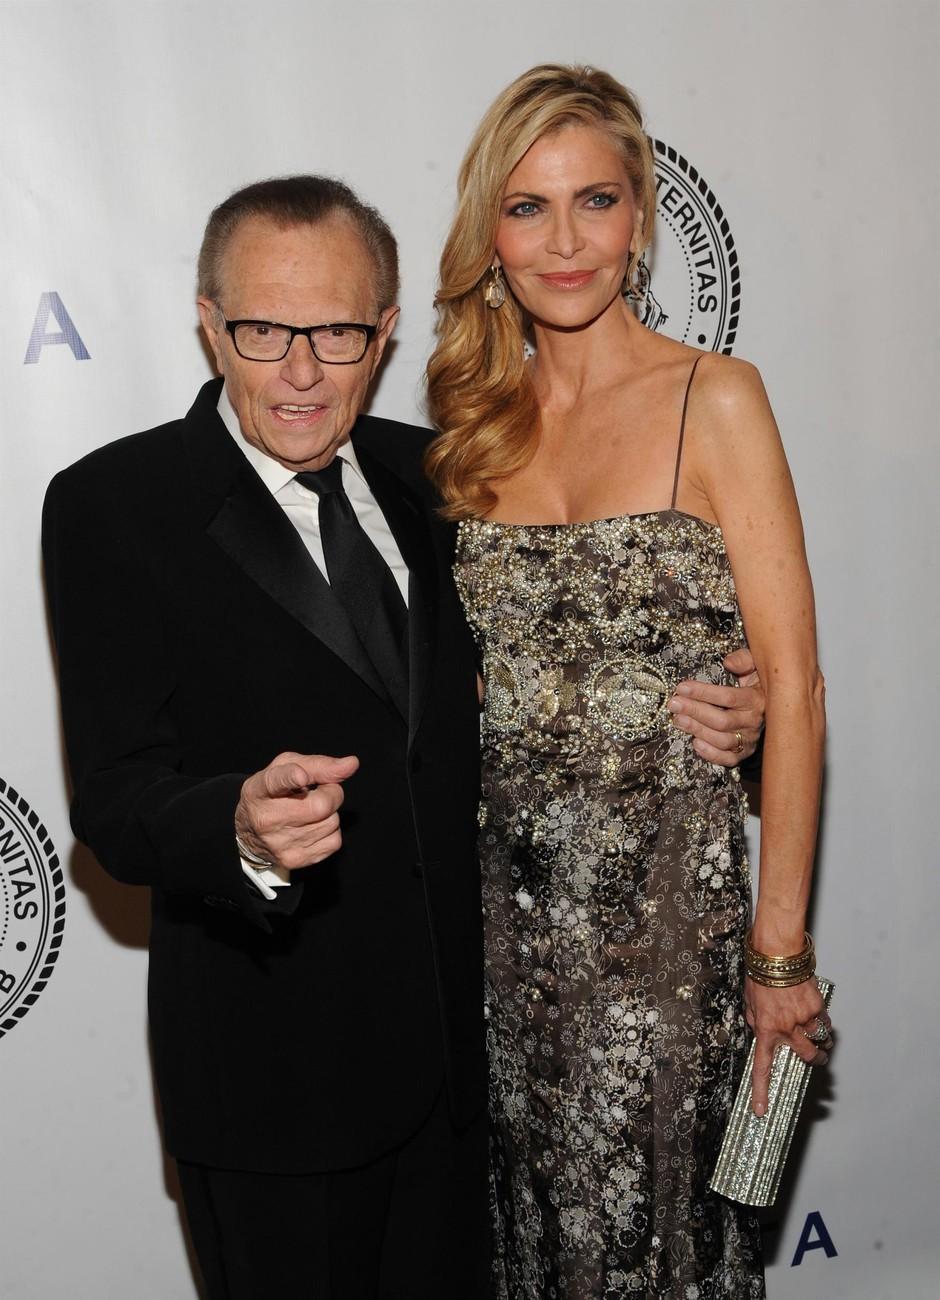 Zakaj je med slavnimi toliko ločitev? (foto: Profimedia)